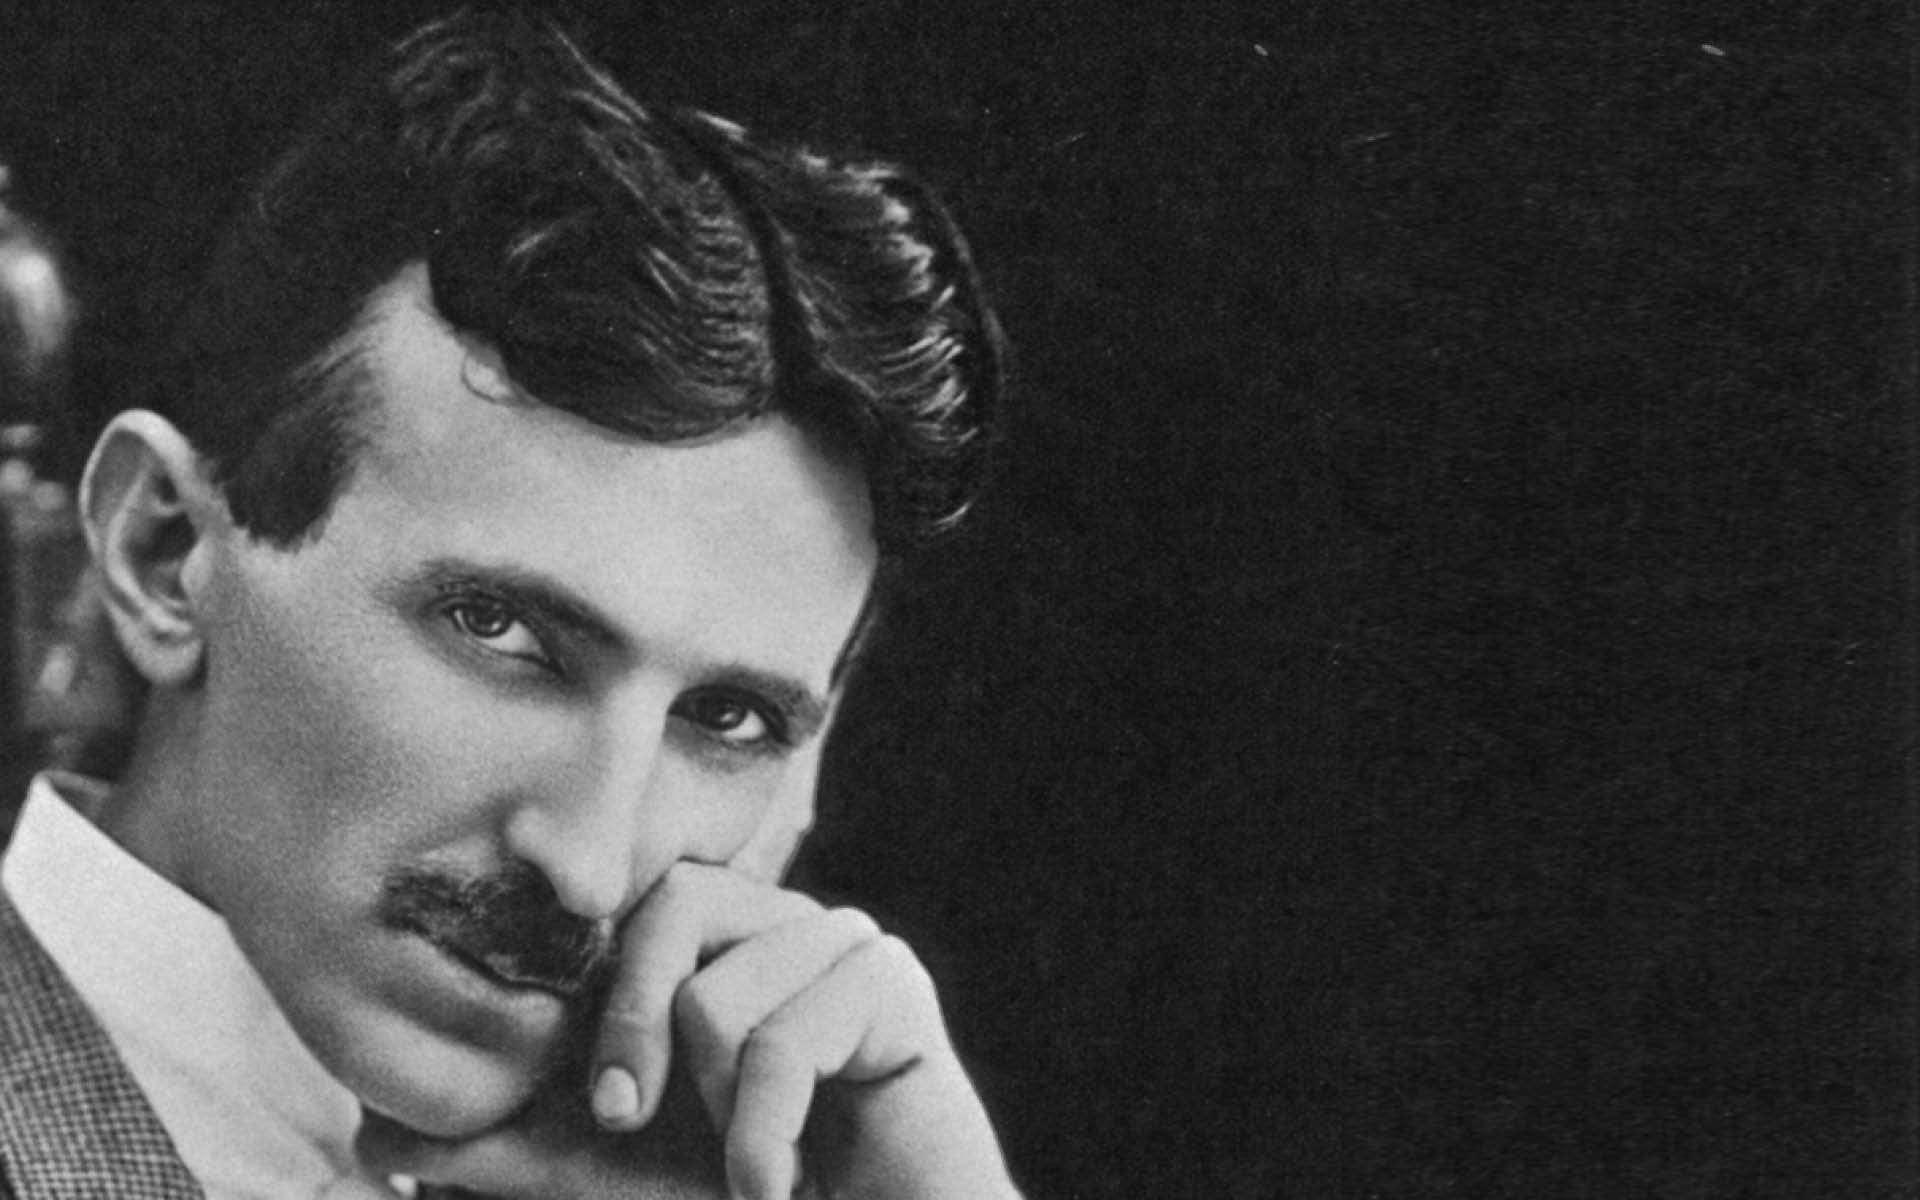 Nikola Tesla à 40 ans. un inventeur gnial et prolifique né en Serbie. © Domaine public